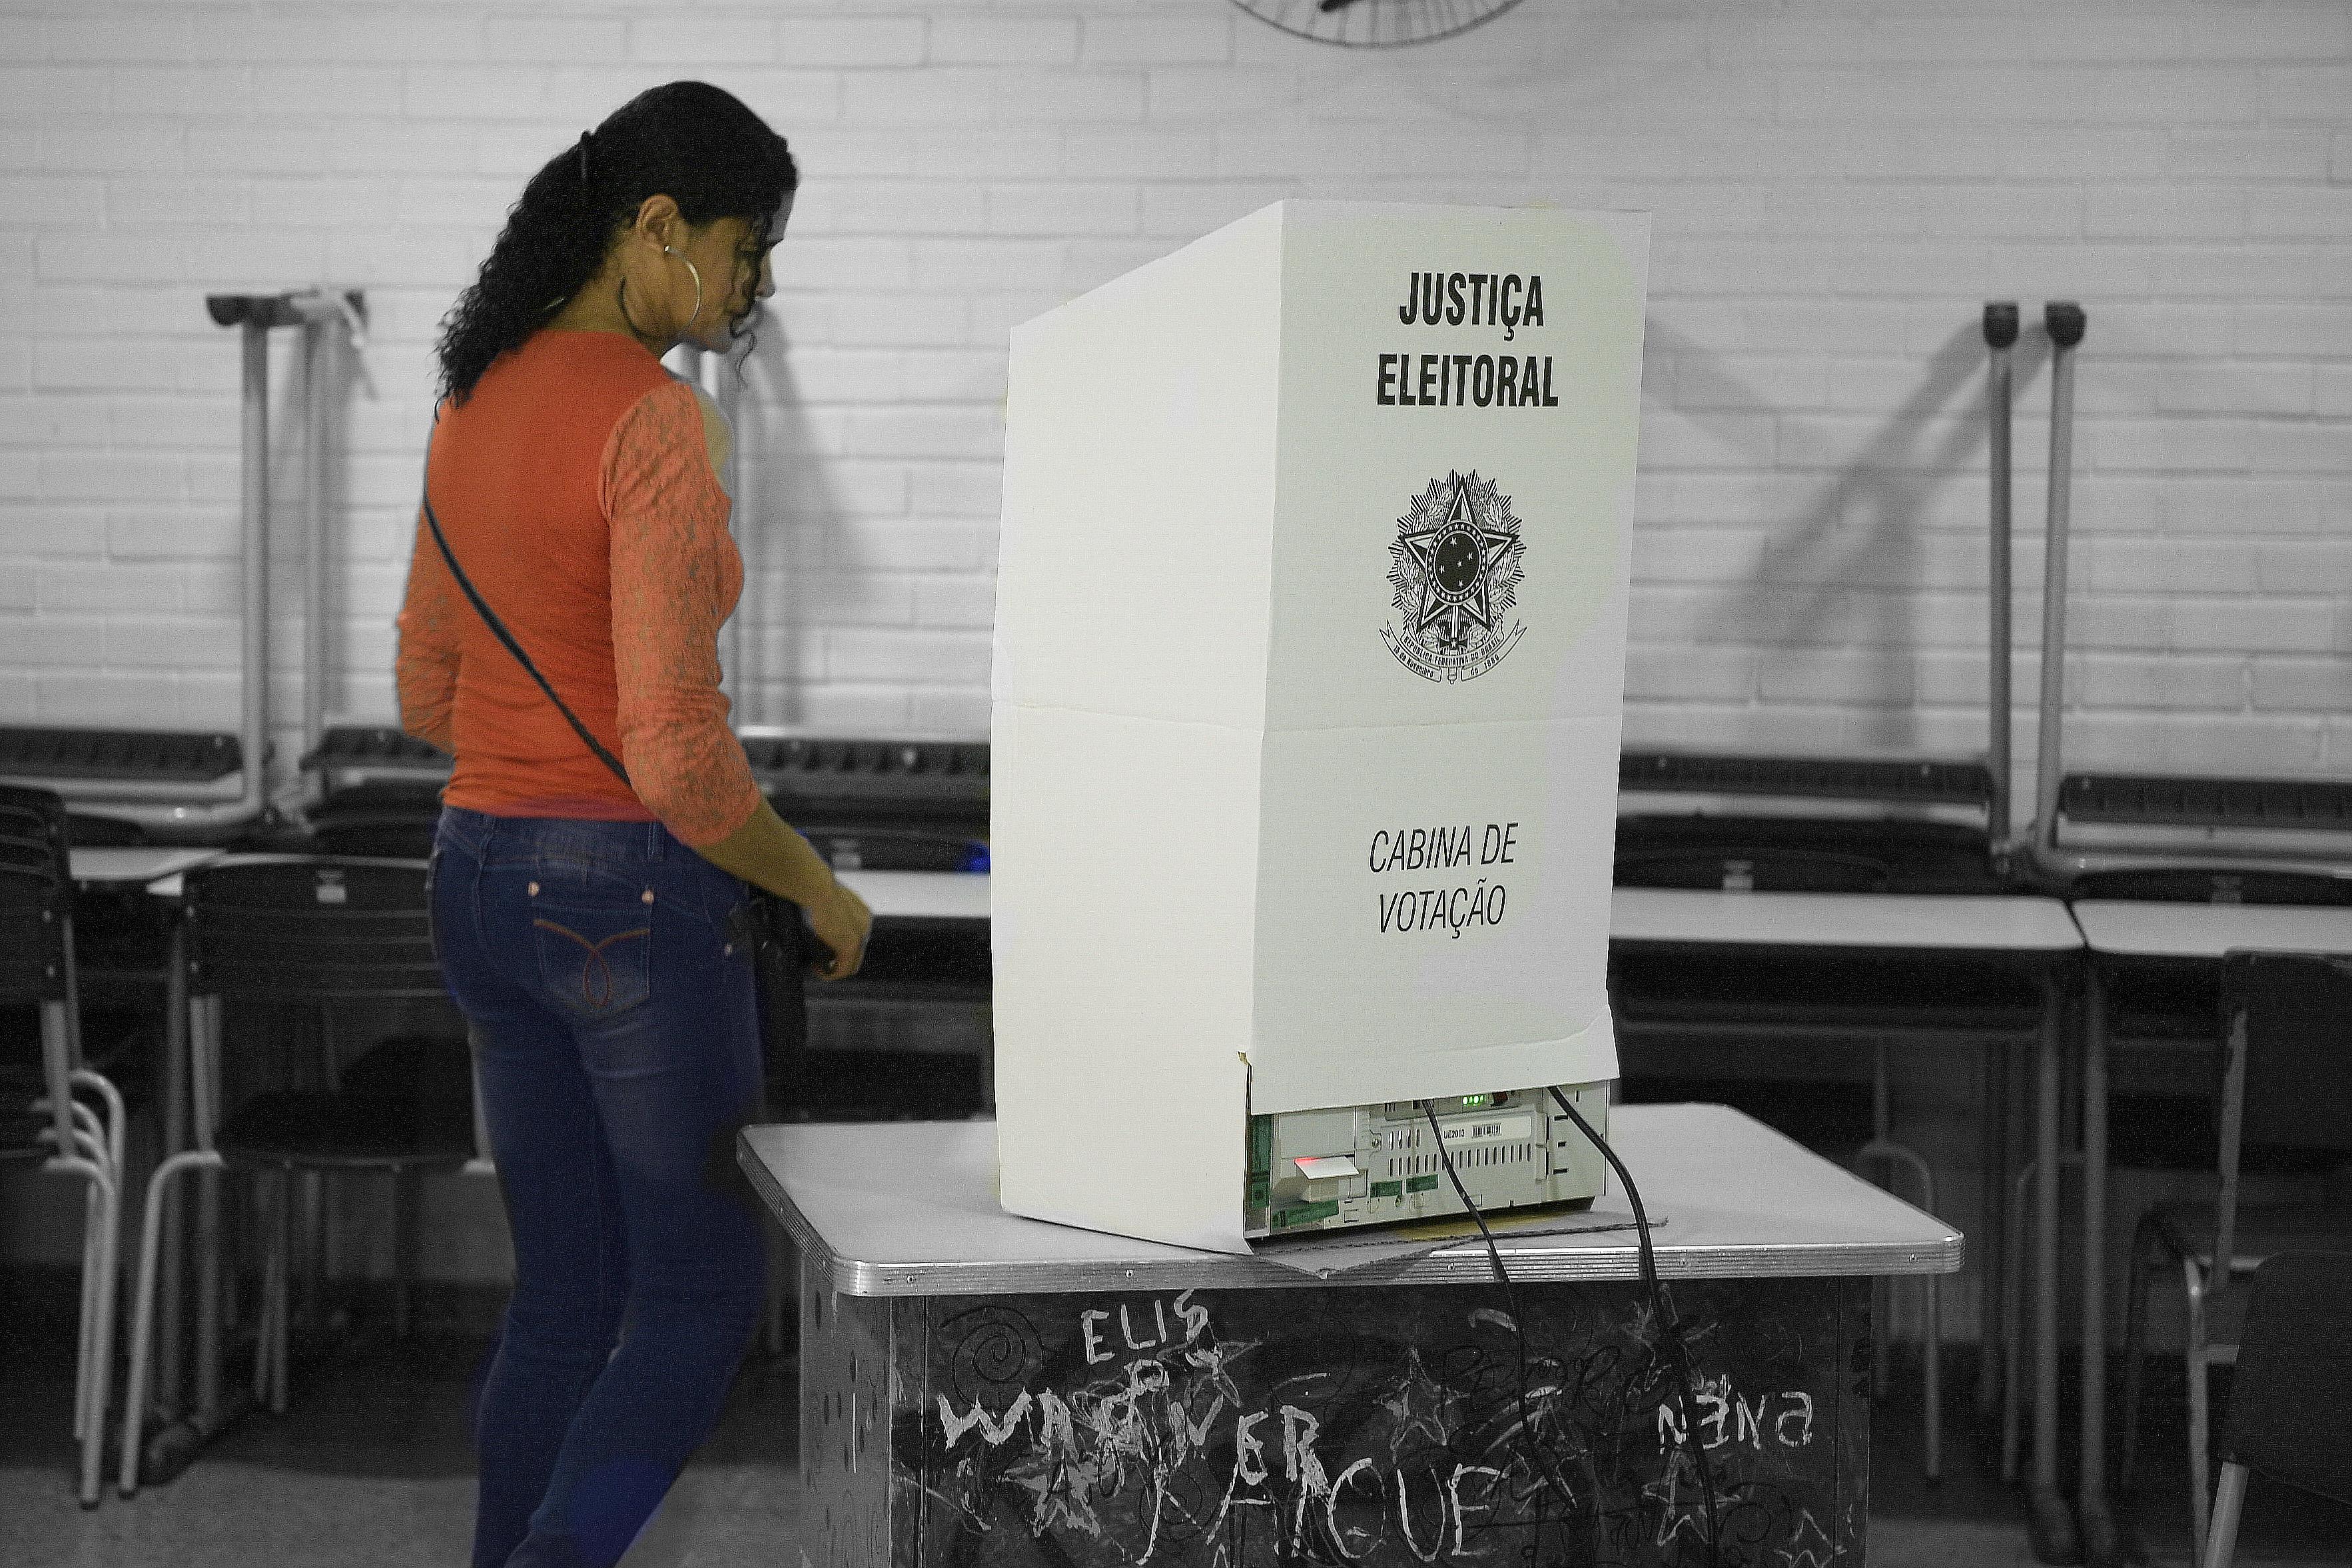 Brazil's Electoral College